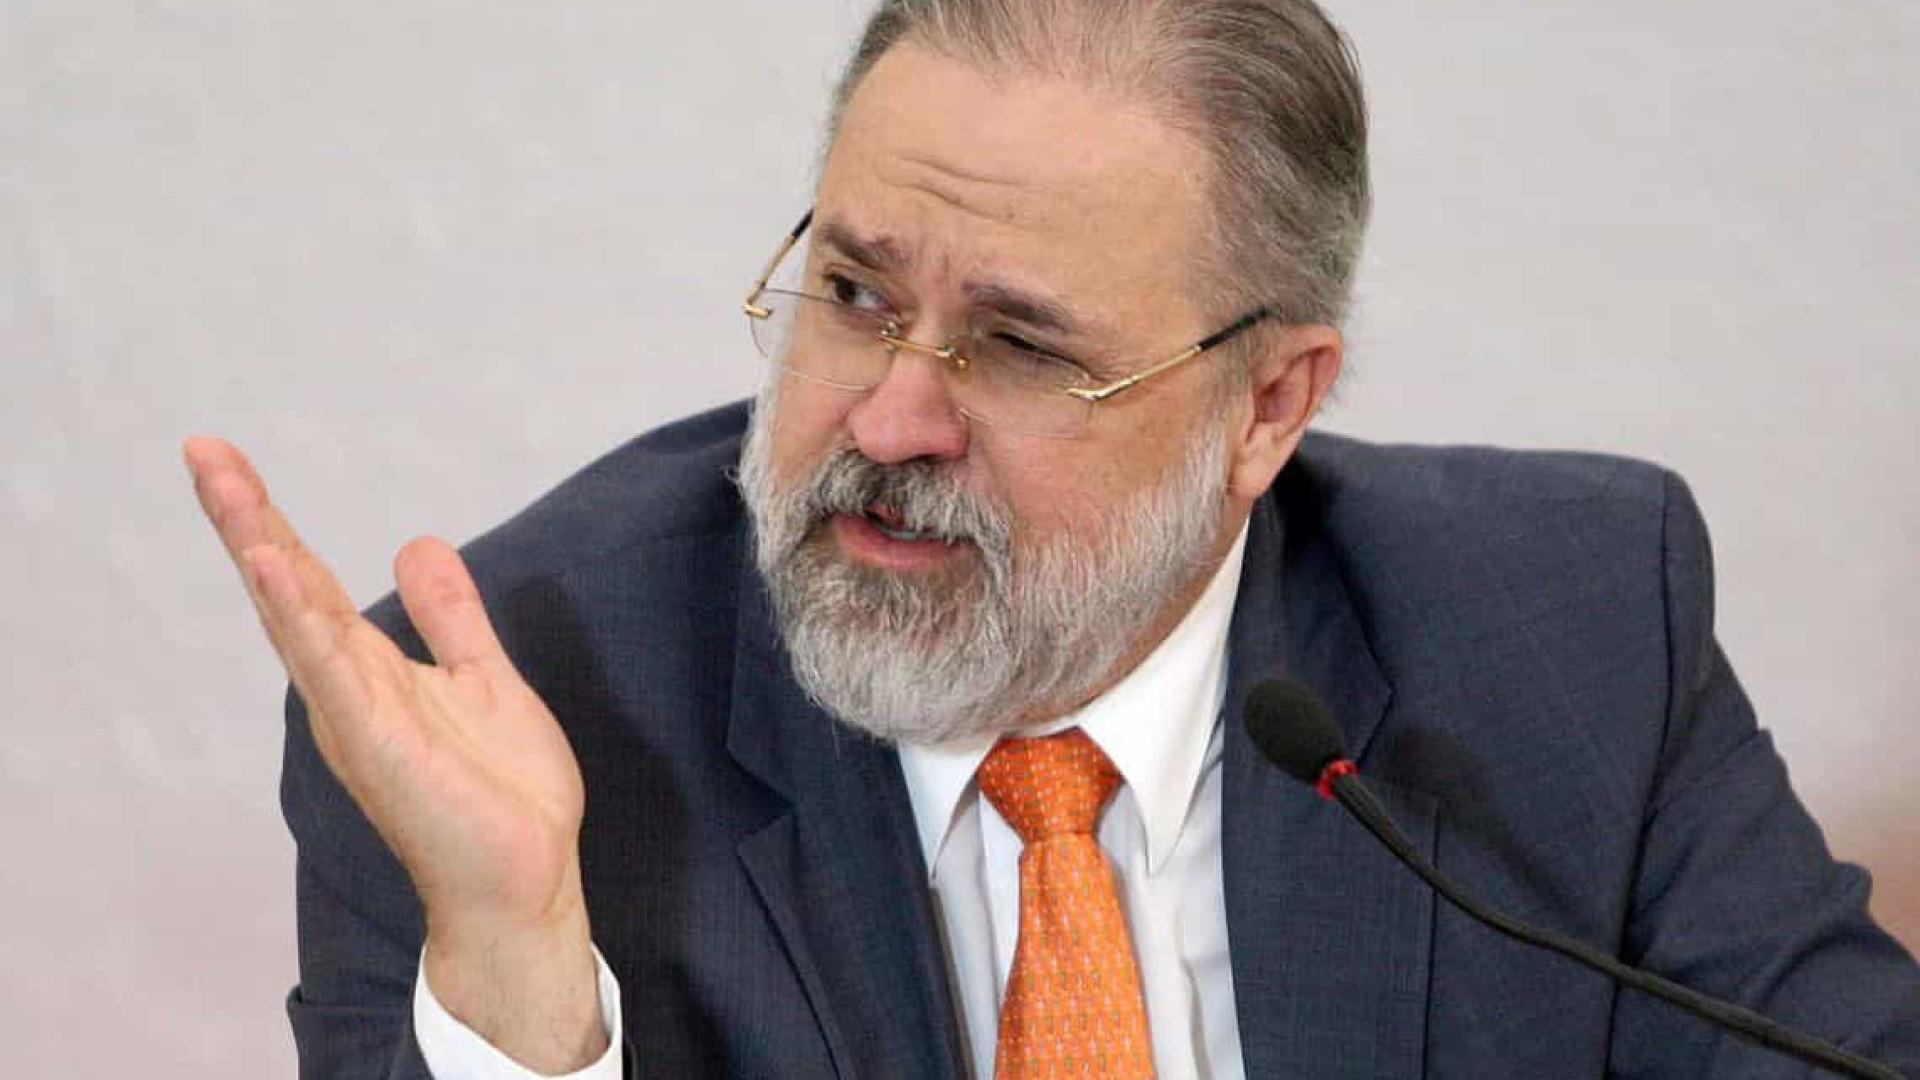 Aras se manifesta a favor de Bolsonaro bloquear usuários no Twitter